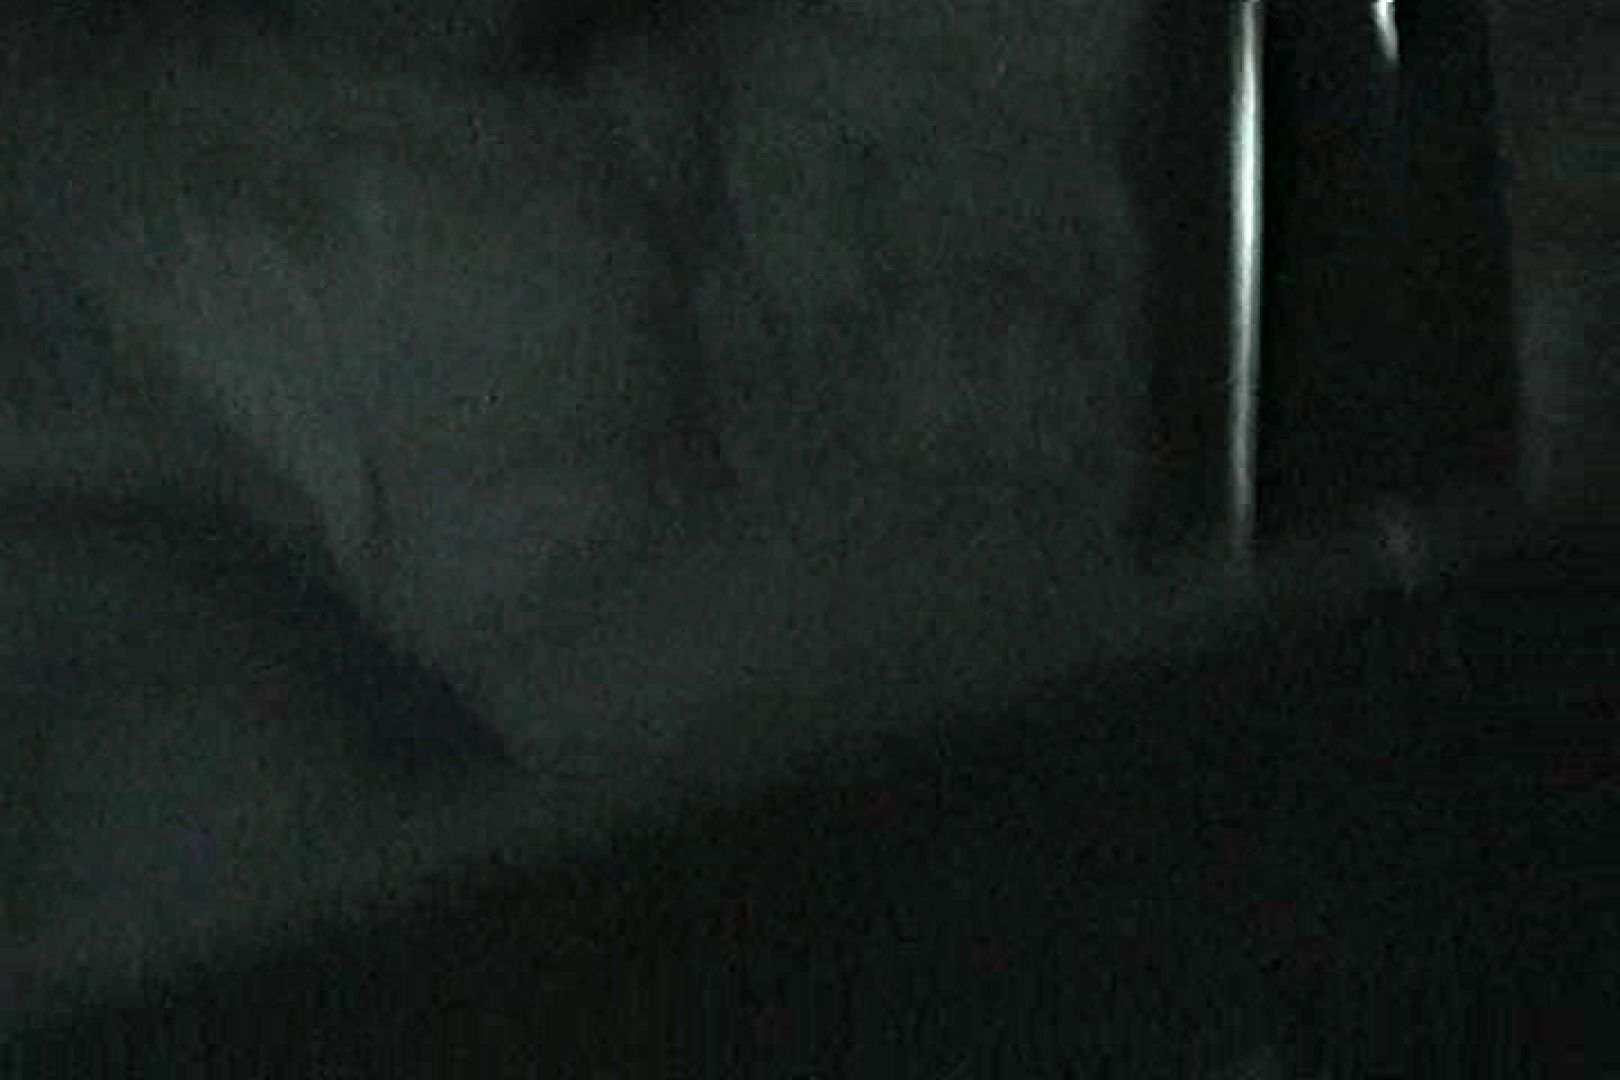 充血監督の深夜の運動会Vol.103 濃厚セックス オメコ無修正動画無料 72PICs 62